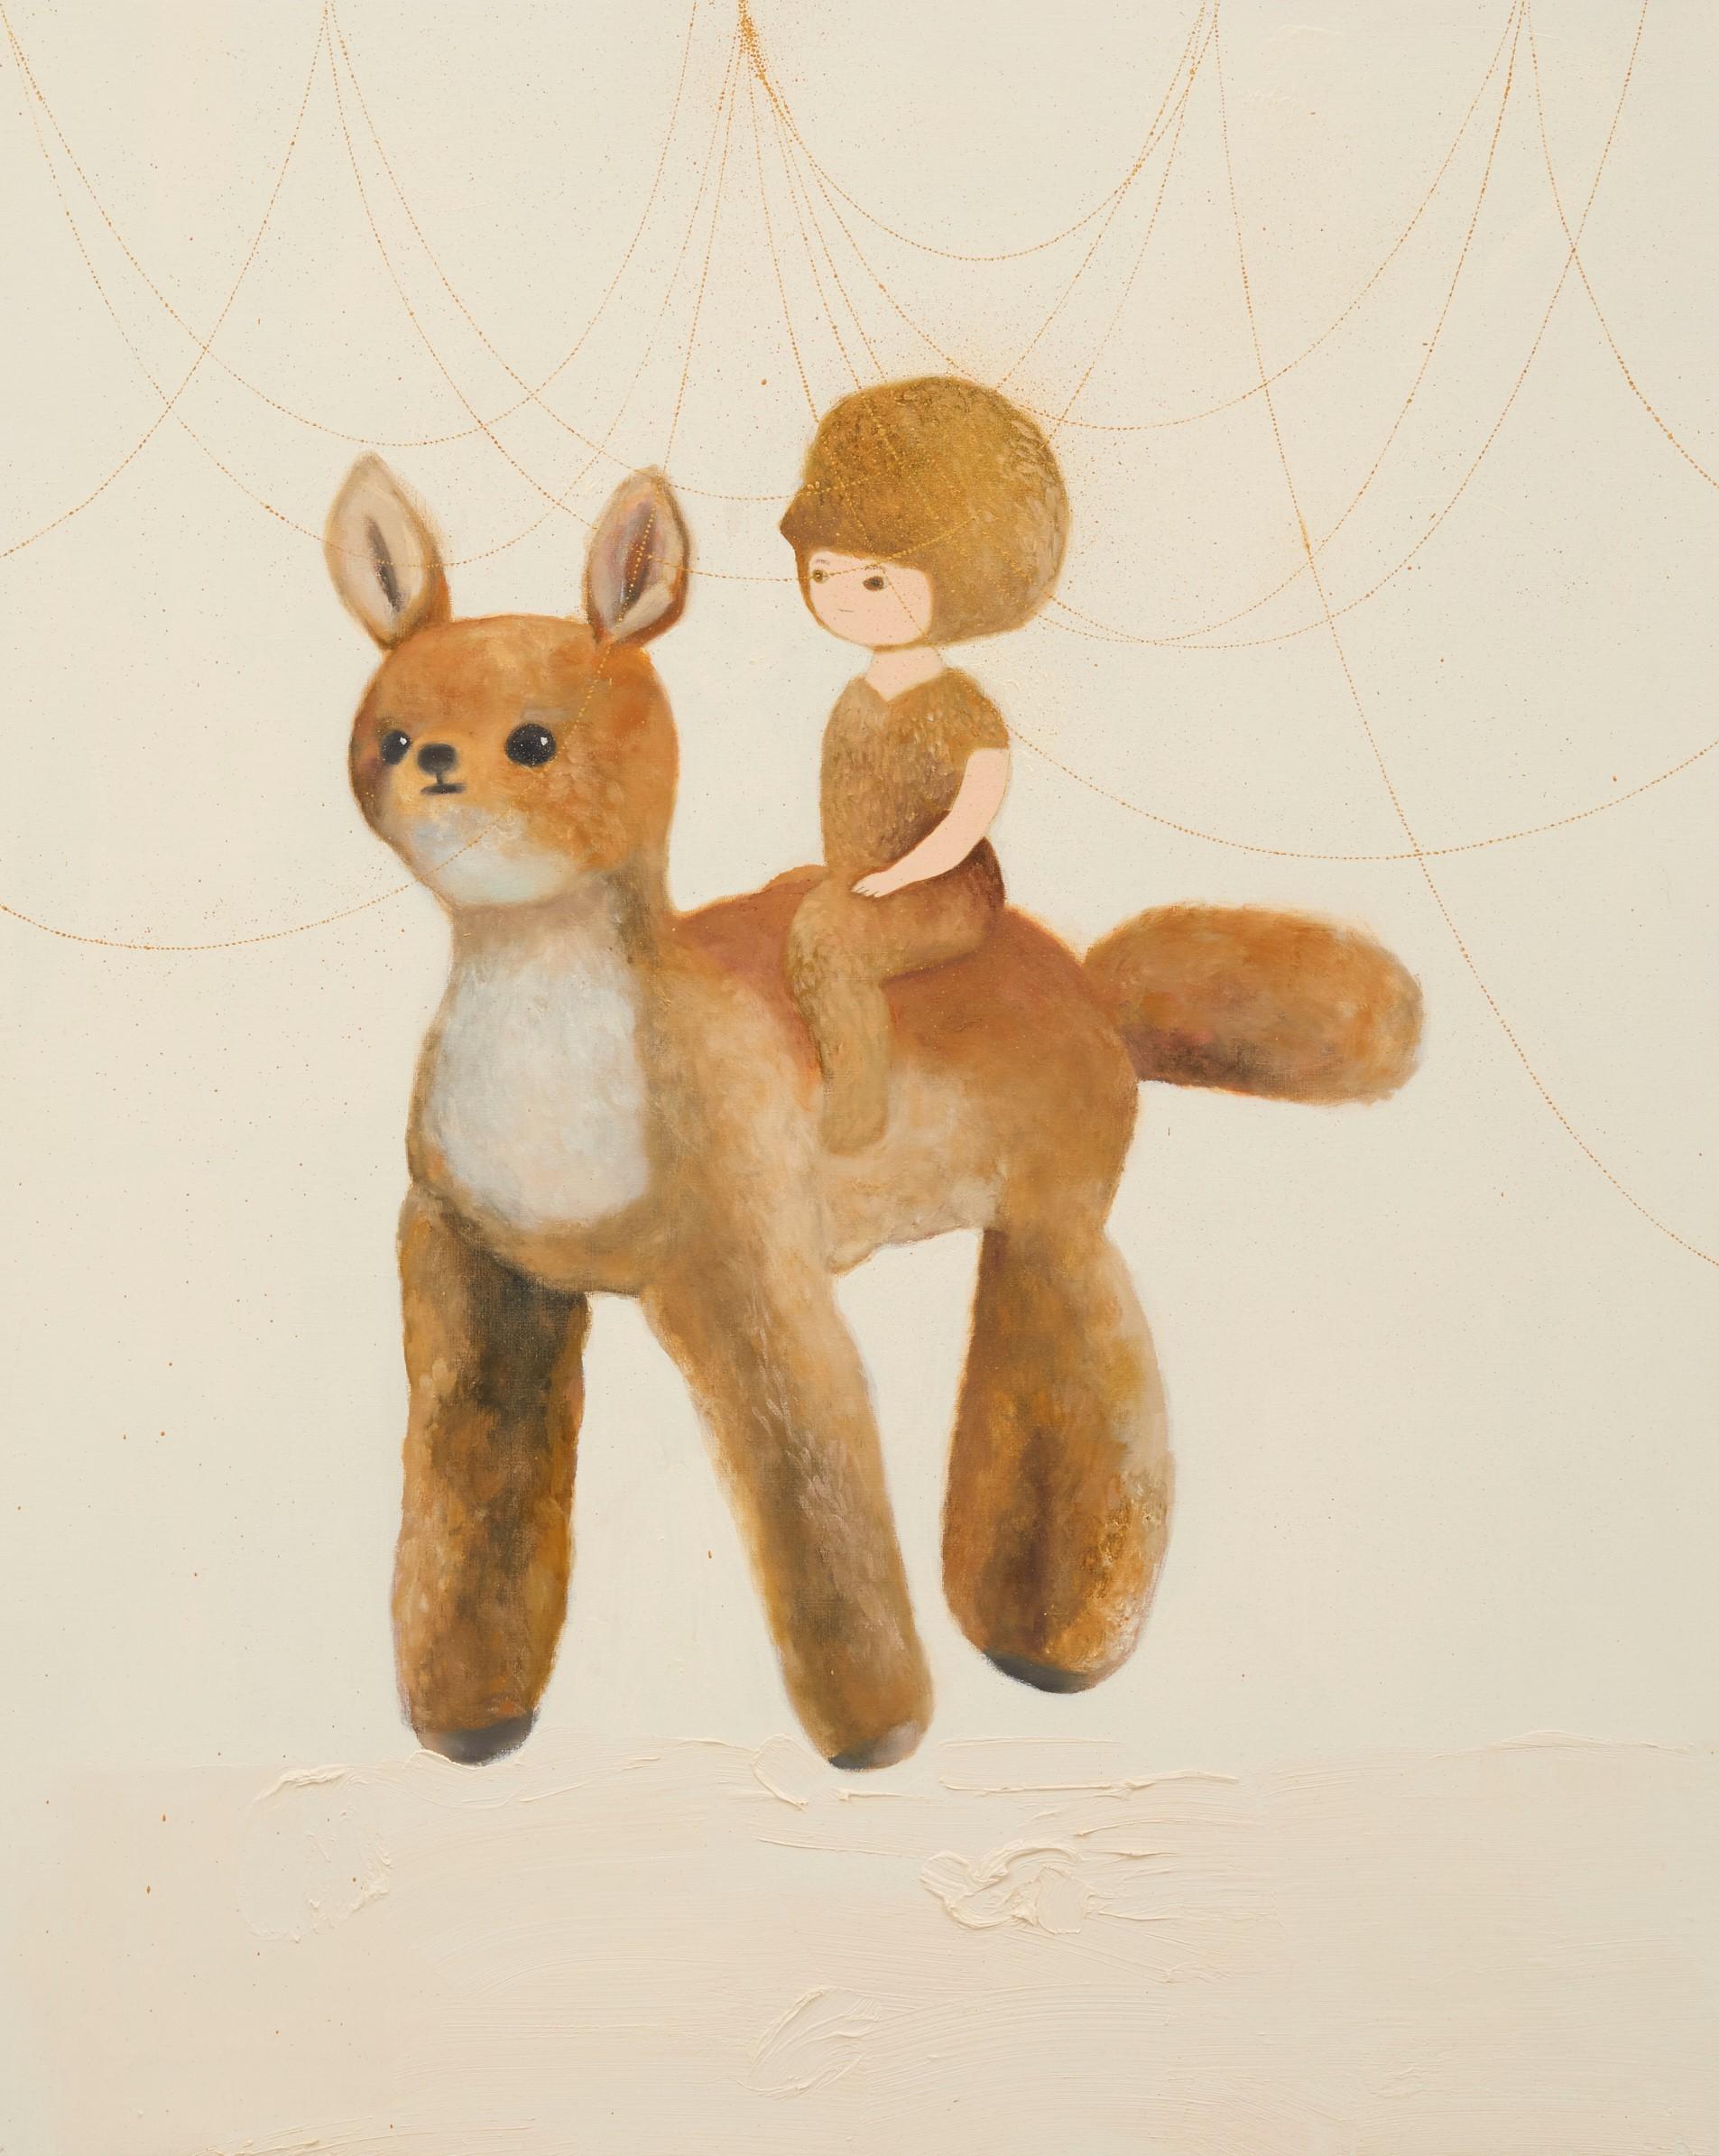 ぬいぐるみ 2020 油彩在畫布 oil on canvas 91.0 x 72.7 cm